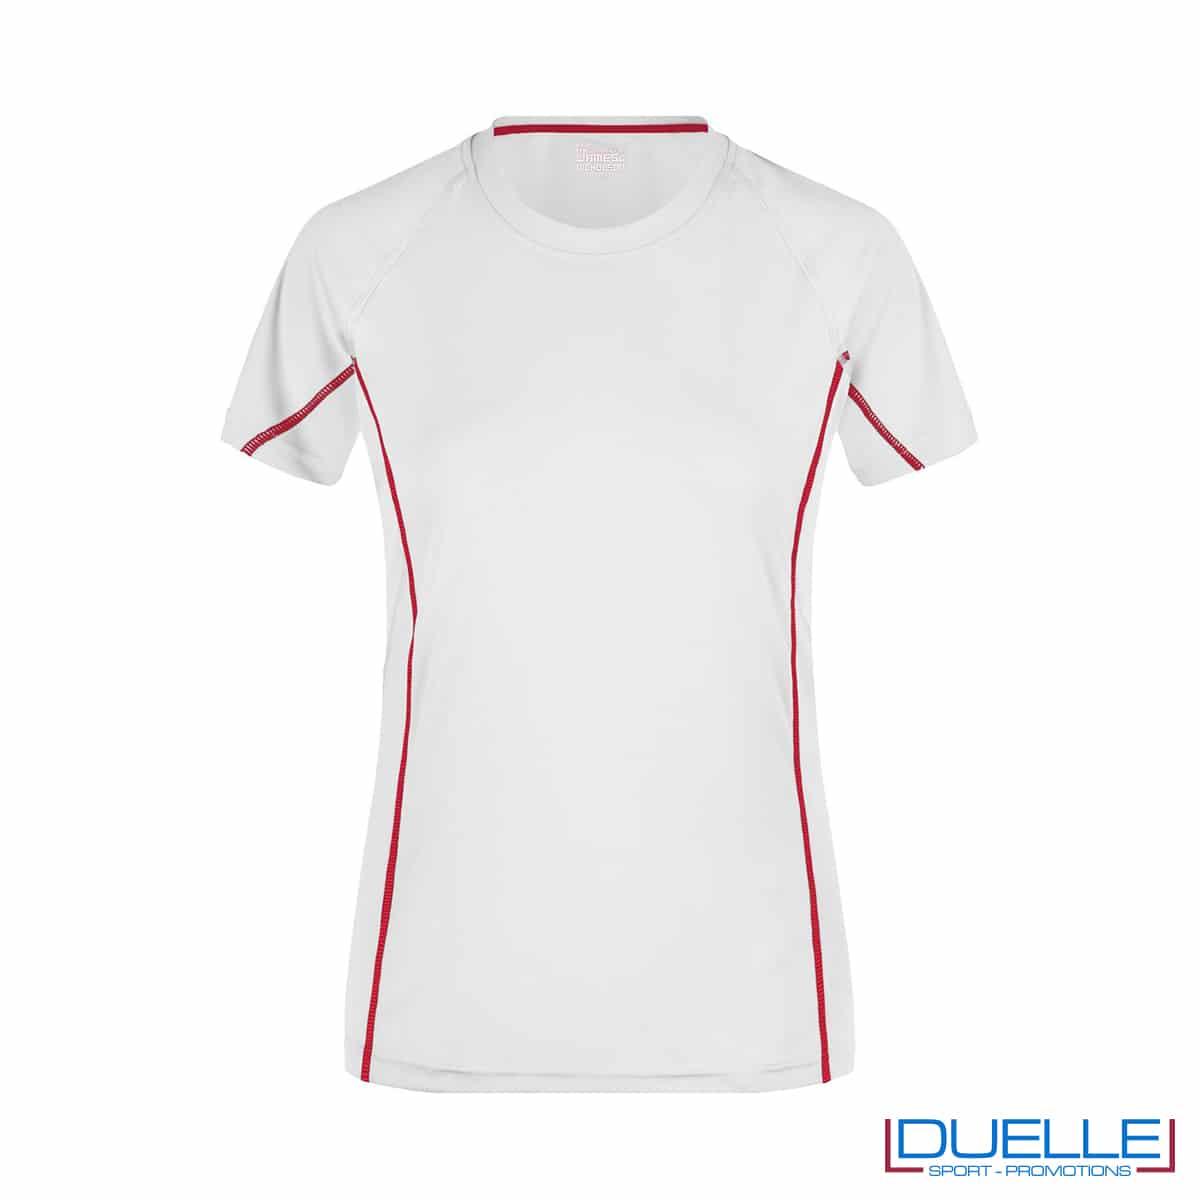 Maglia running Coolmax donna colore bianco/rosso personalizzata